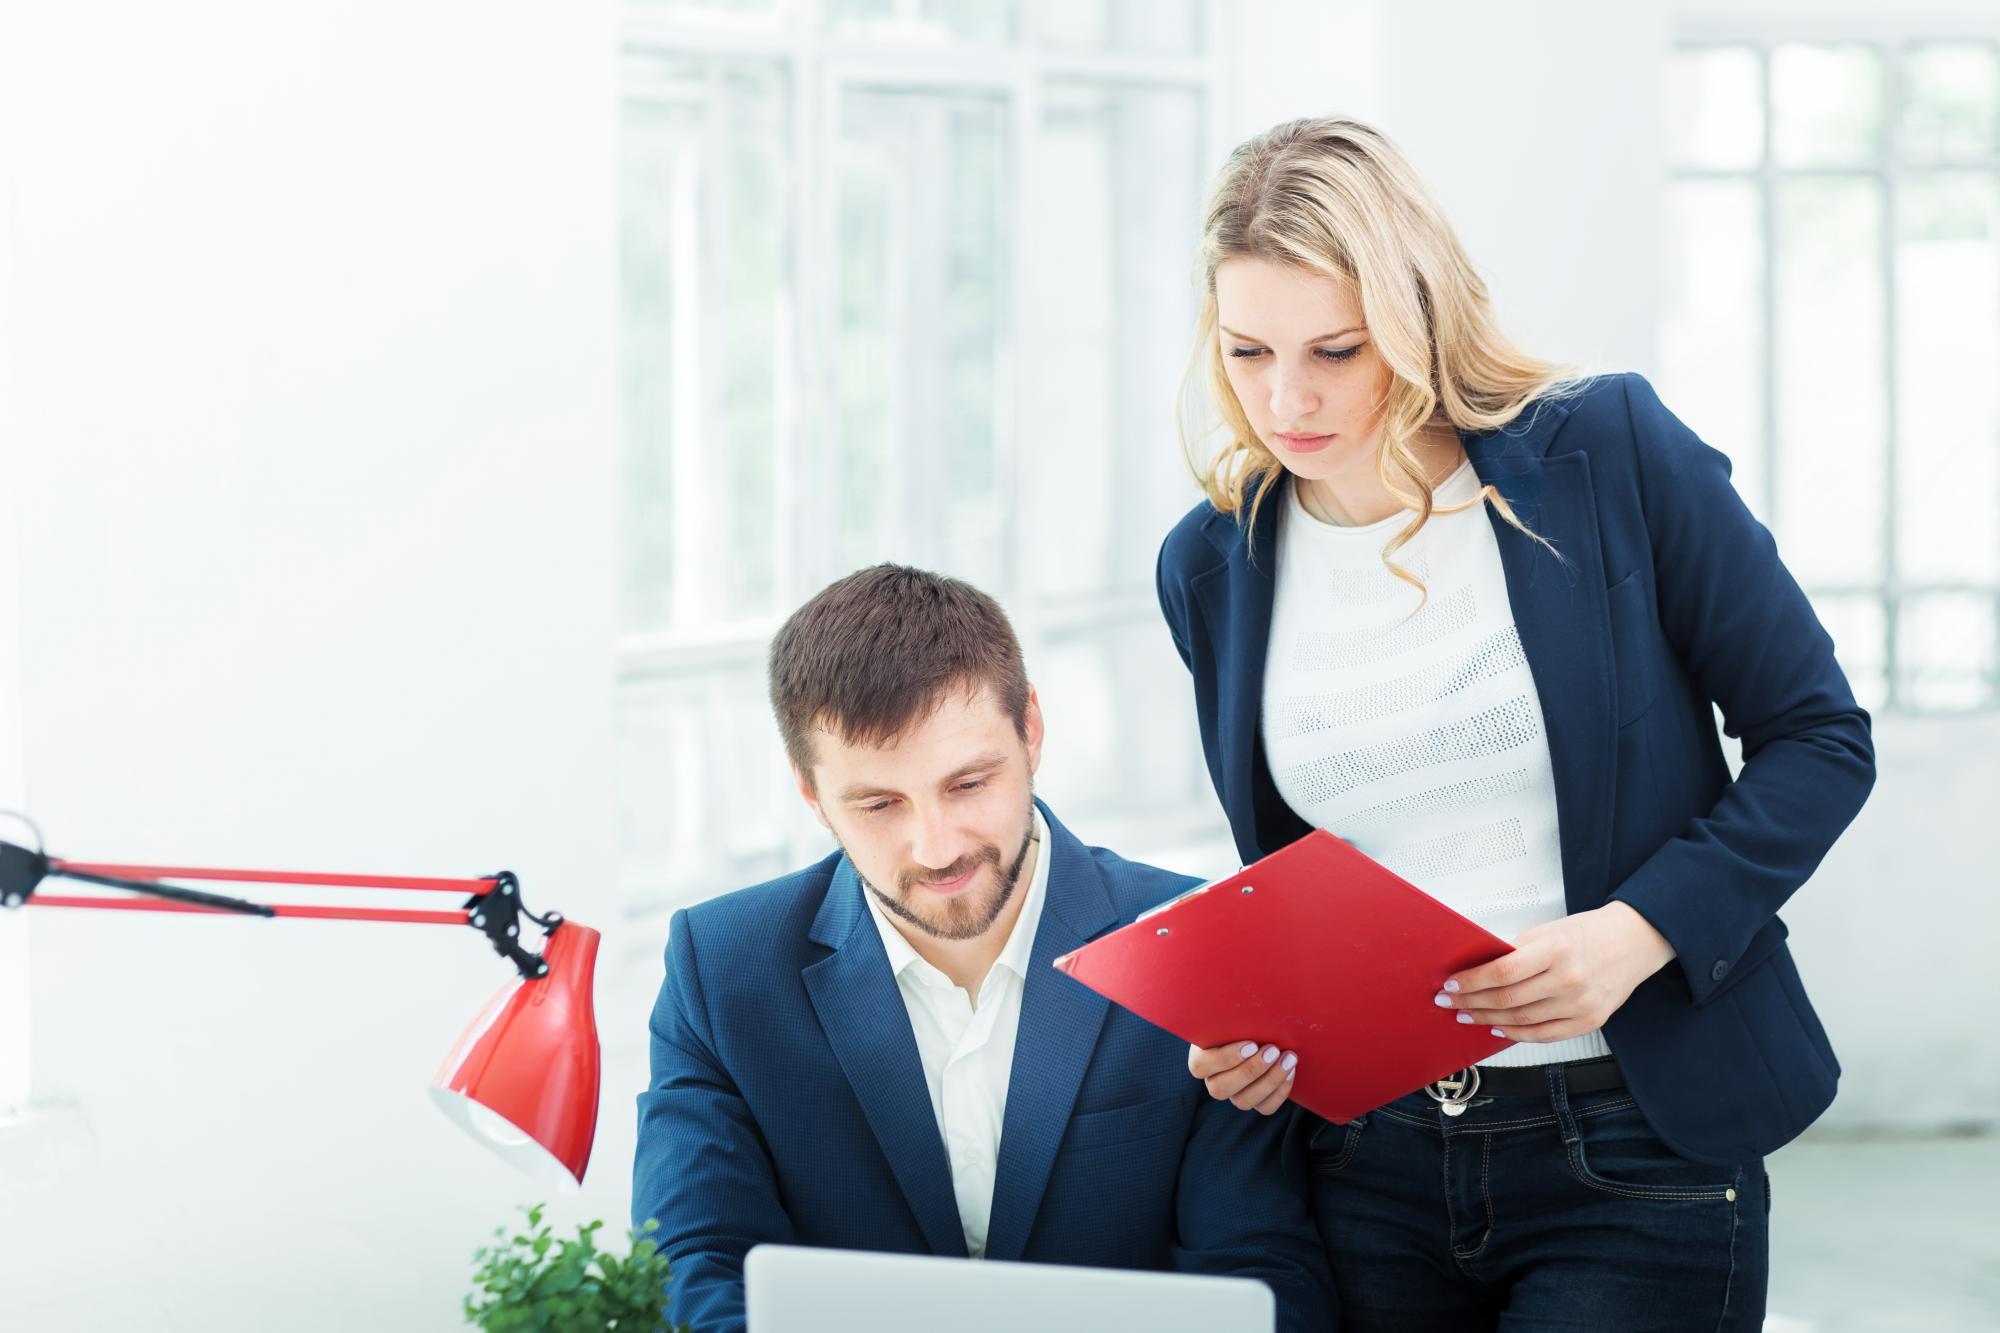 Минтруд подготовил проект постановления Кабмина об особенностях регламентации трудовых отношений в текущем году